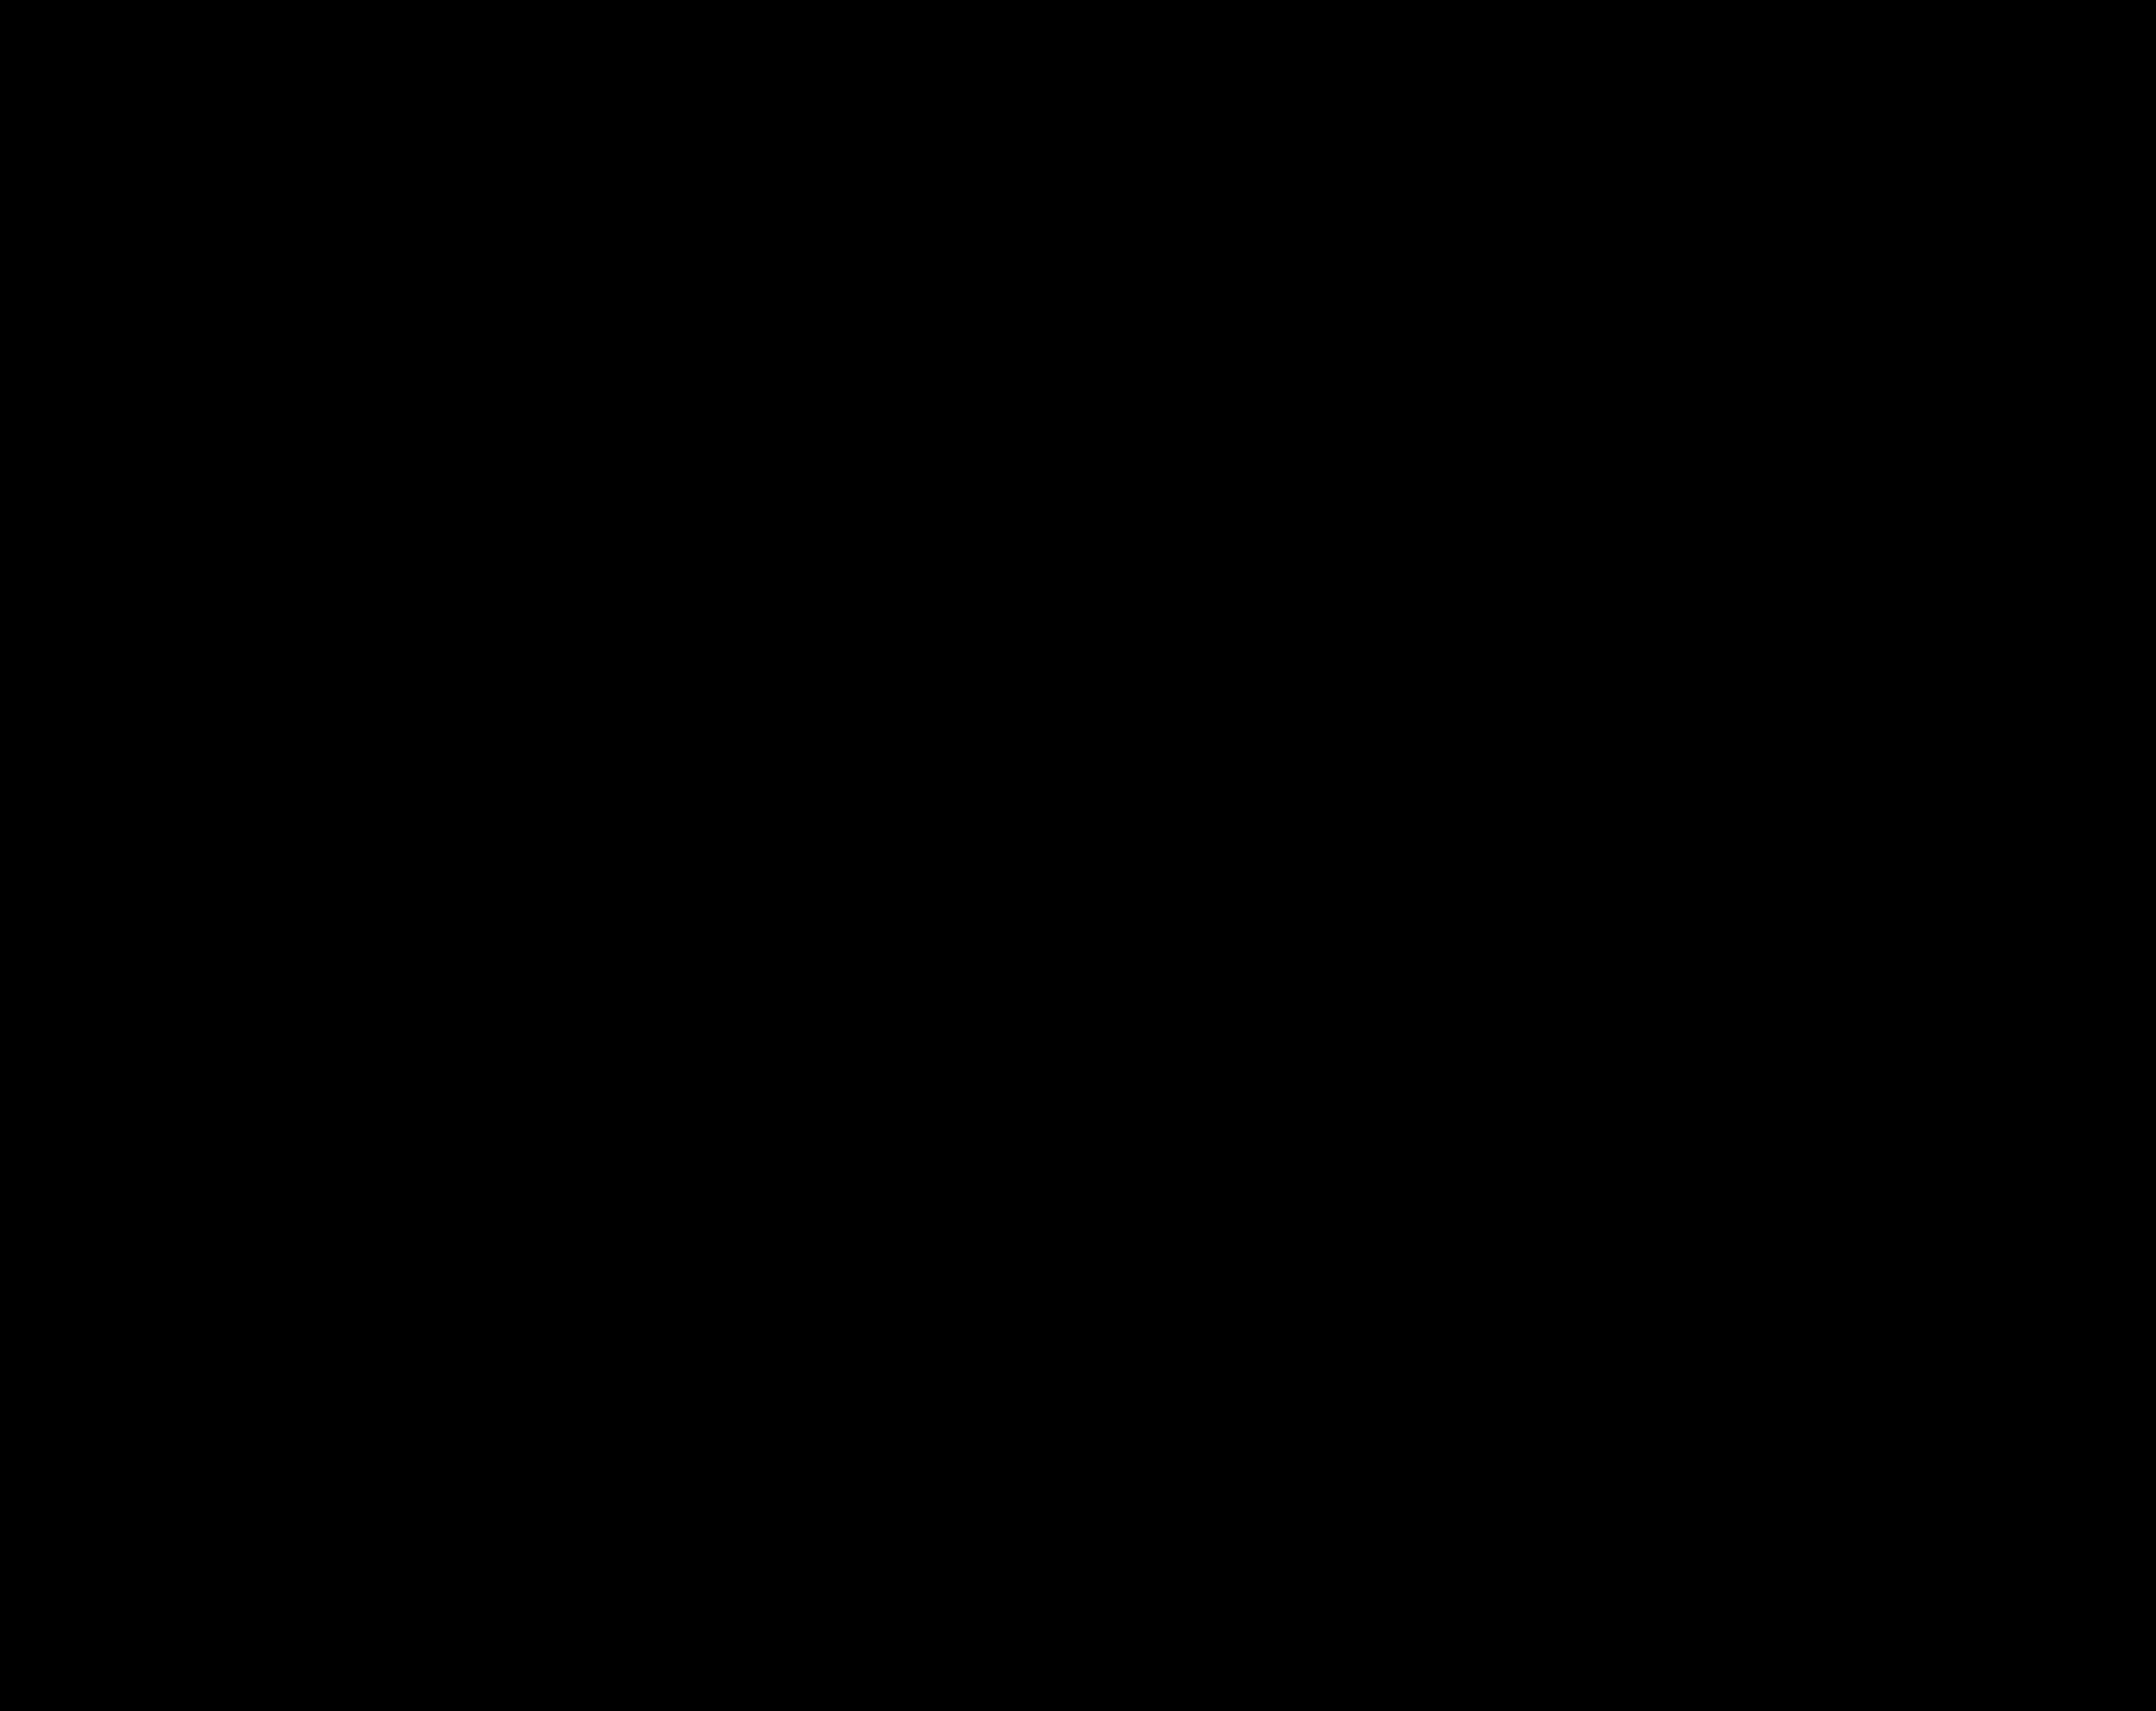 FORHUM